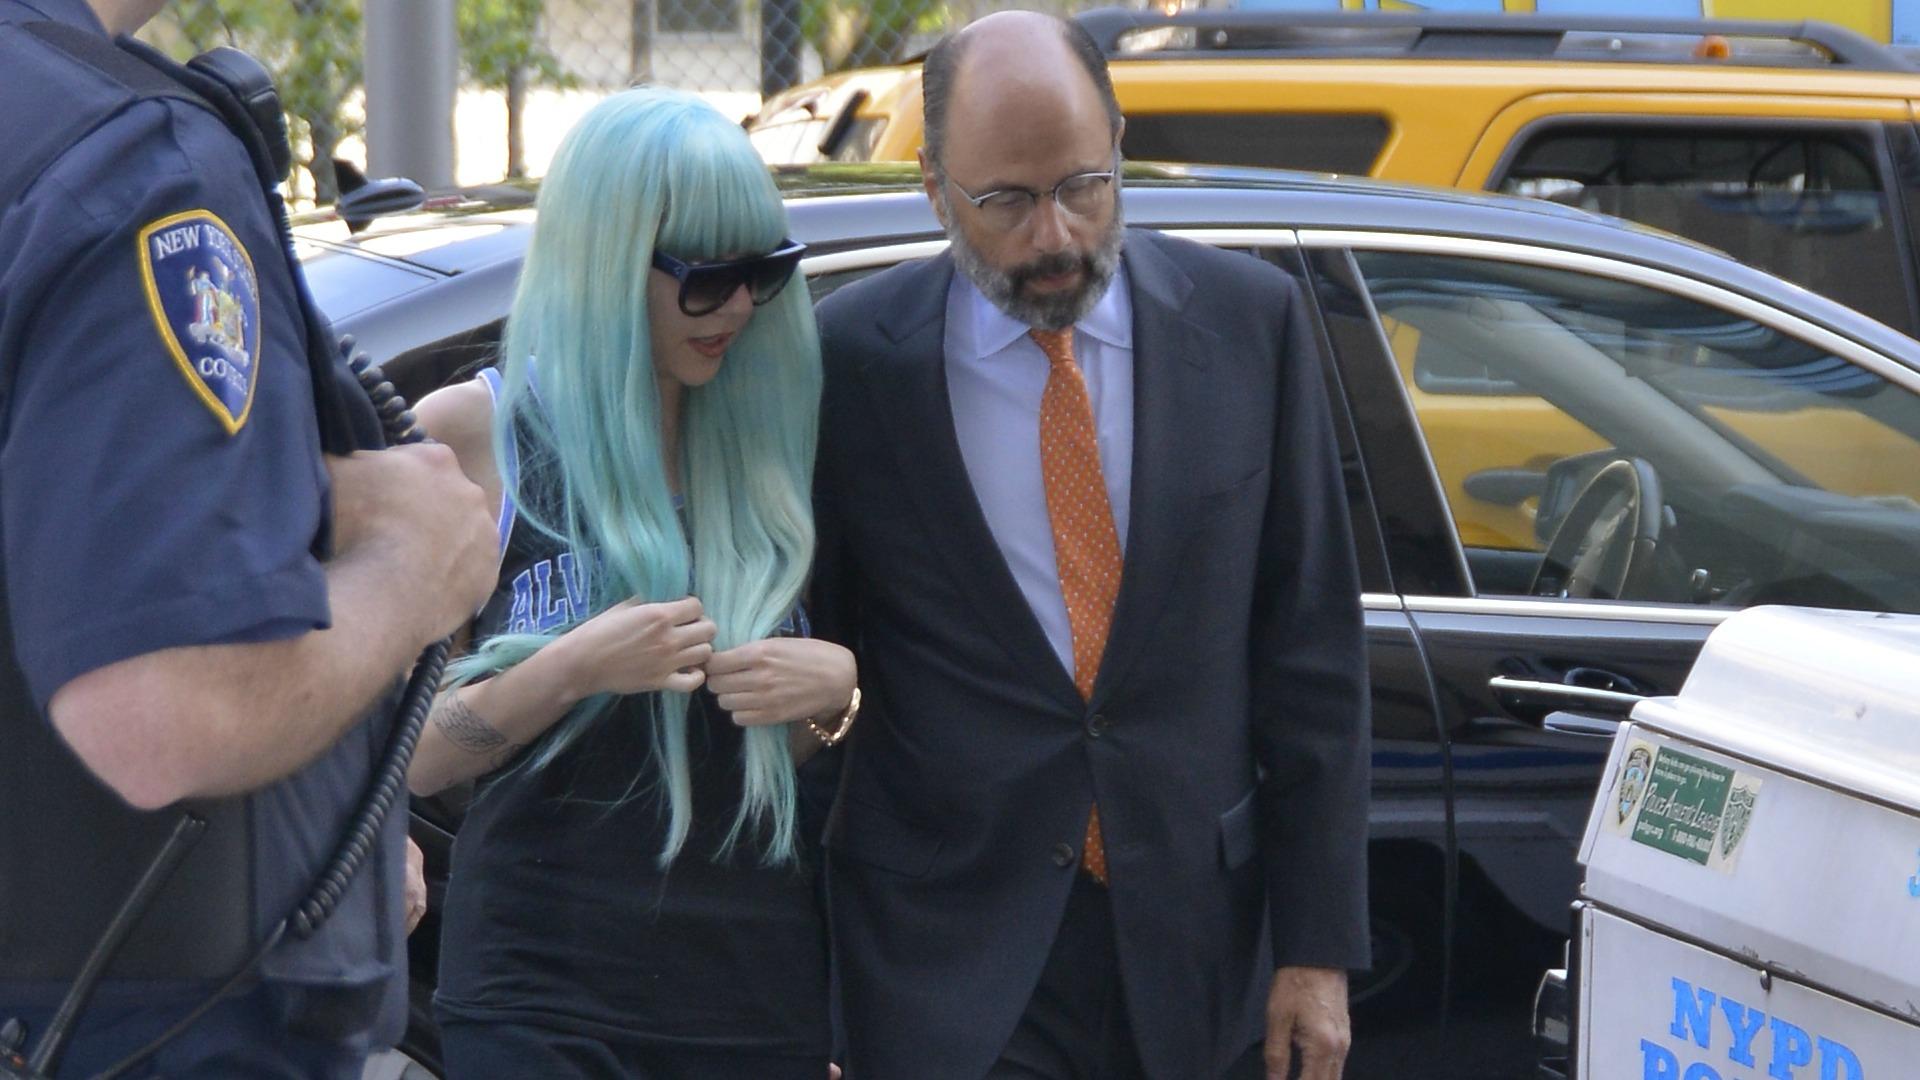 Amanda Bynes with blue hair